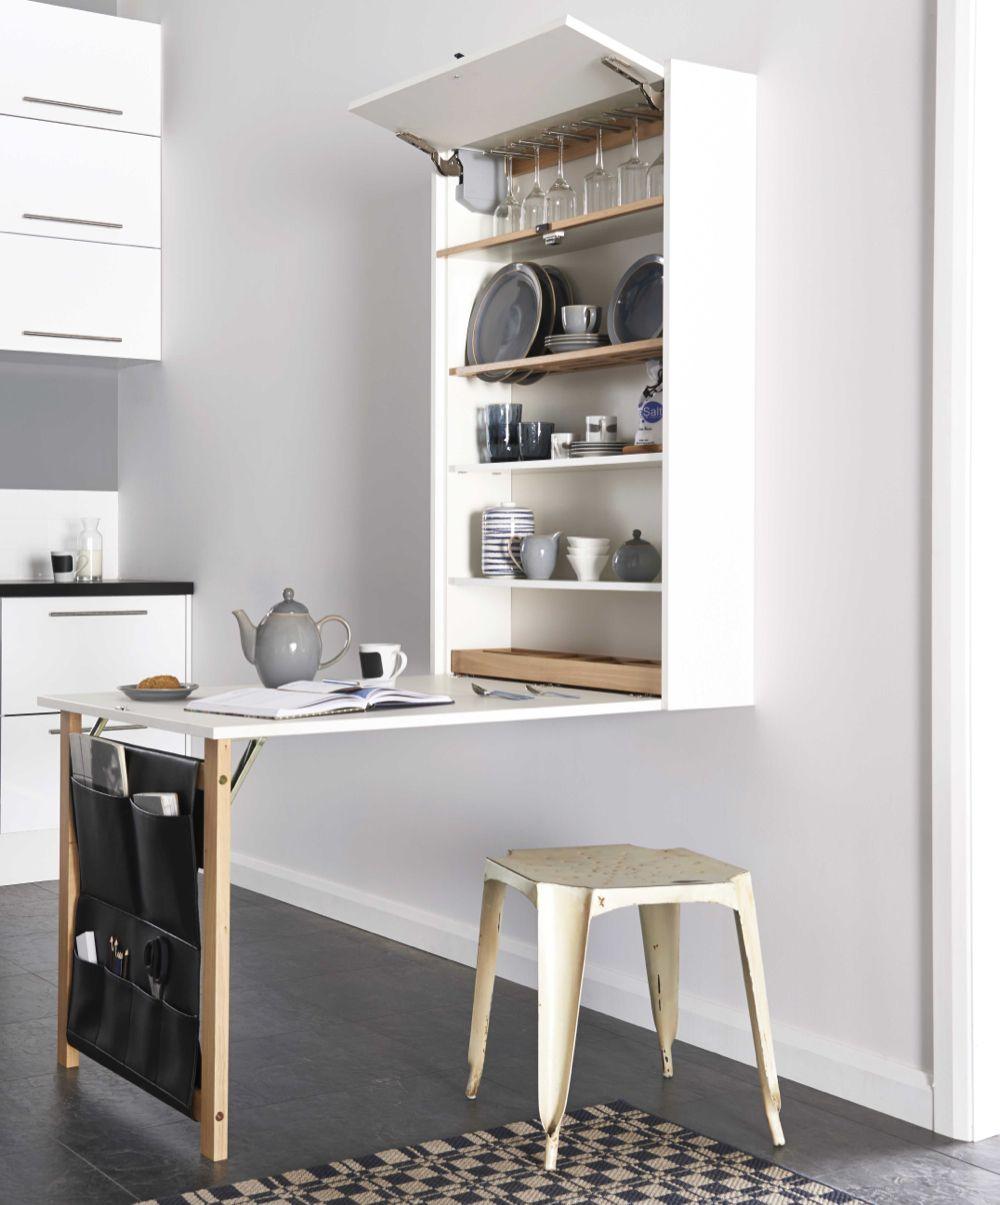 Idea para ganar encimera o mesa en cocina pequeña 7 | Espacios ...